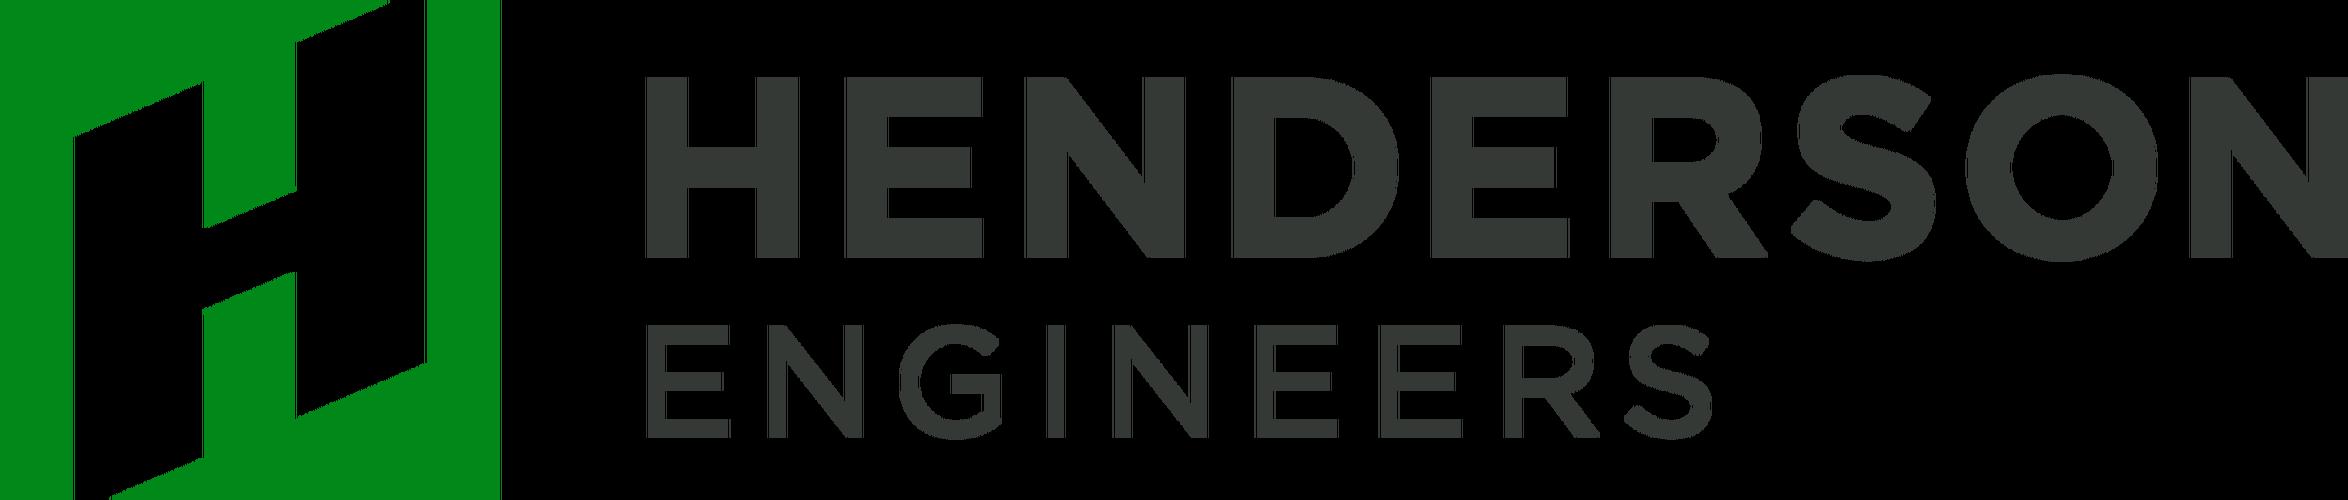 Henderson Engineers